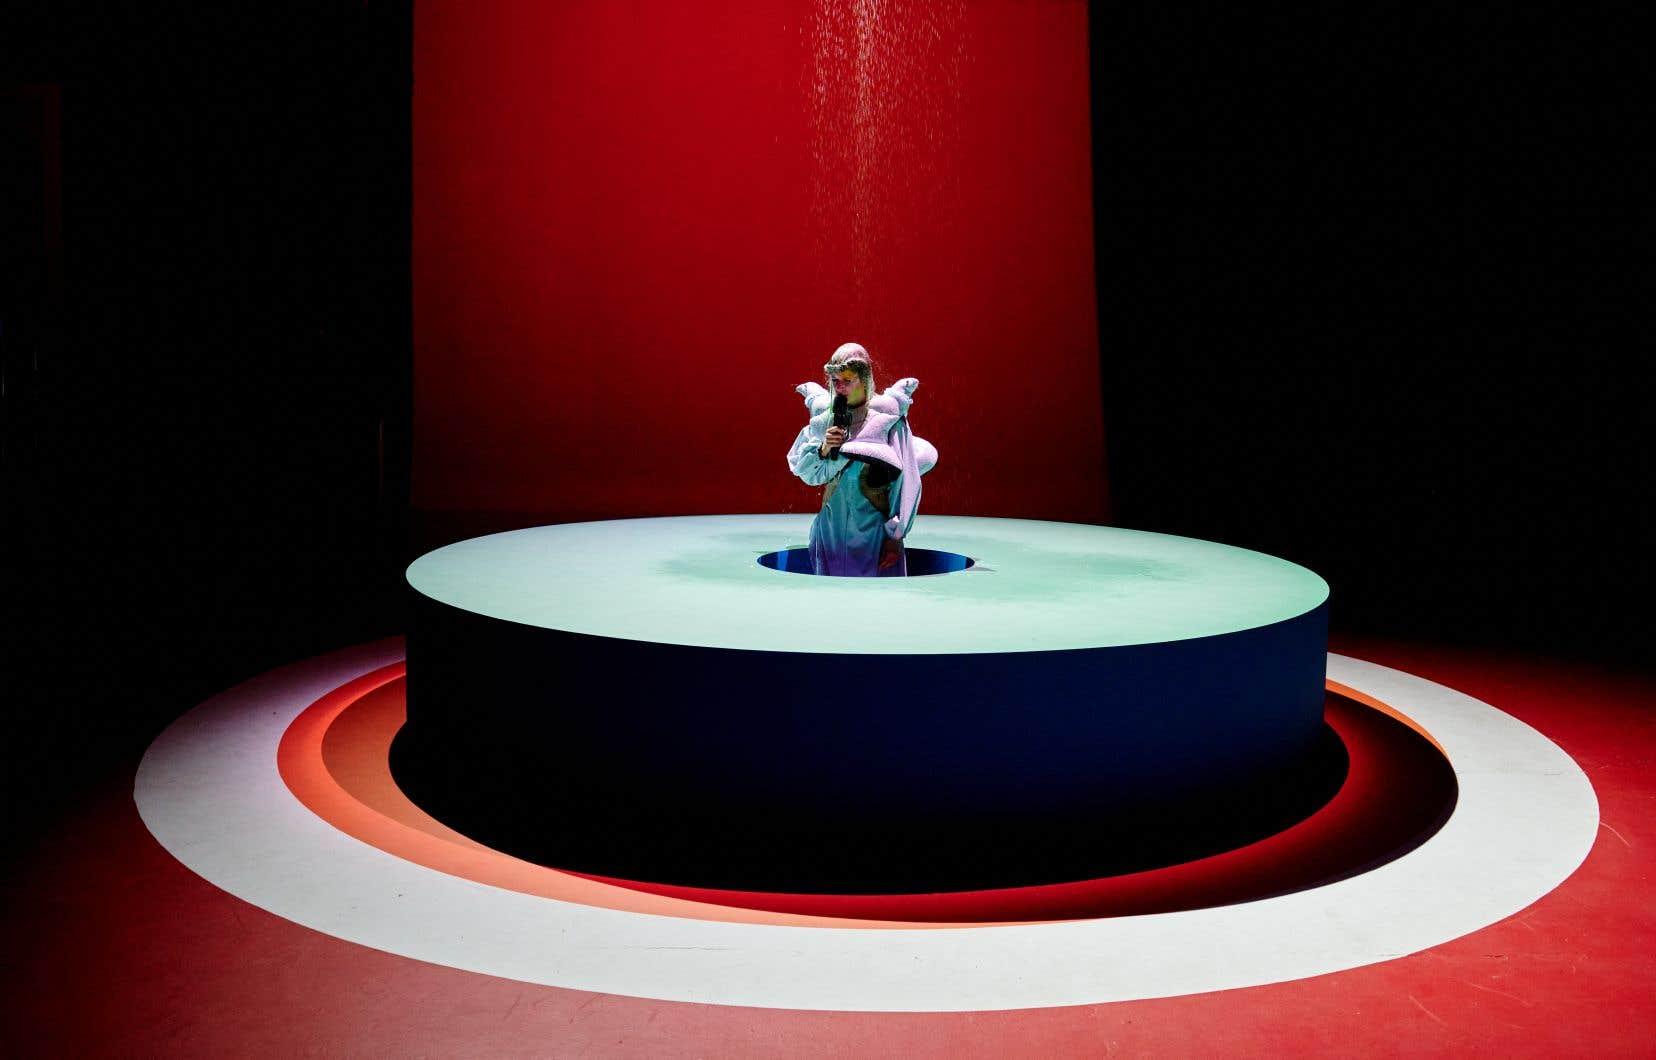 Klô Pelgag est finaliste dans huit catégories plus techniques et huit autres dans les «grandes catégories», comme interprète féminine, auteur-compositeur, album francophone, album alternatif, artiste ayant le plus rayonné hors Québec et spectacle en ligne.